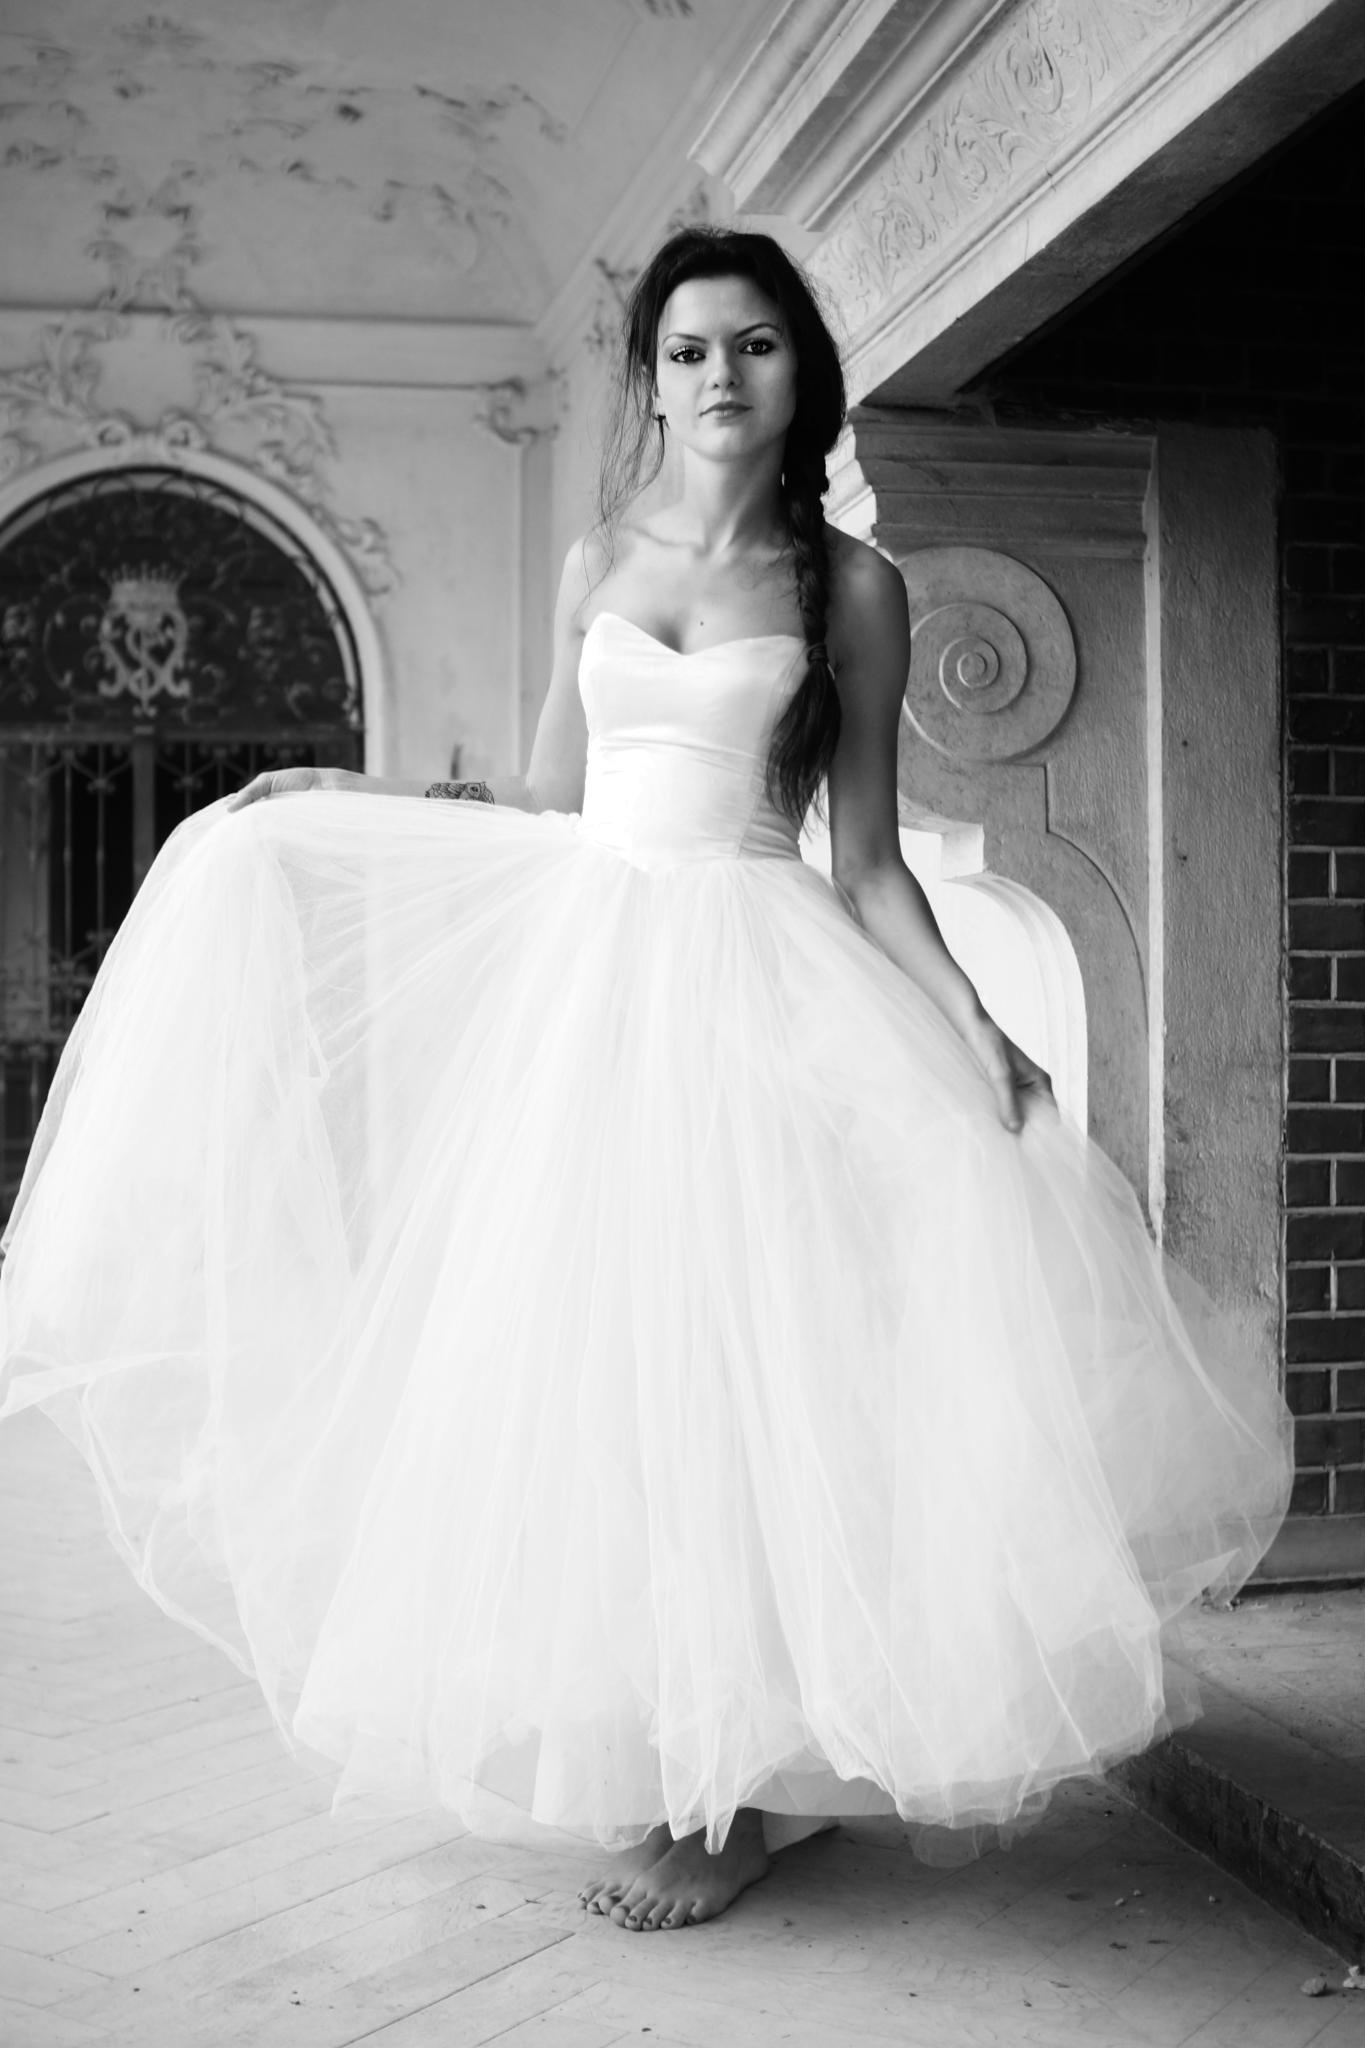 ballerina by Ania K-S